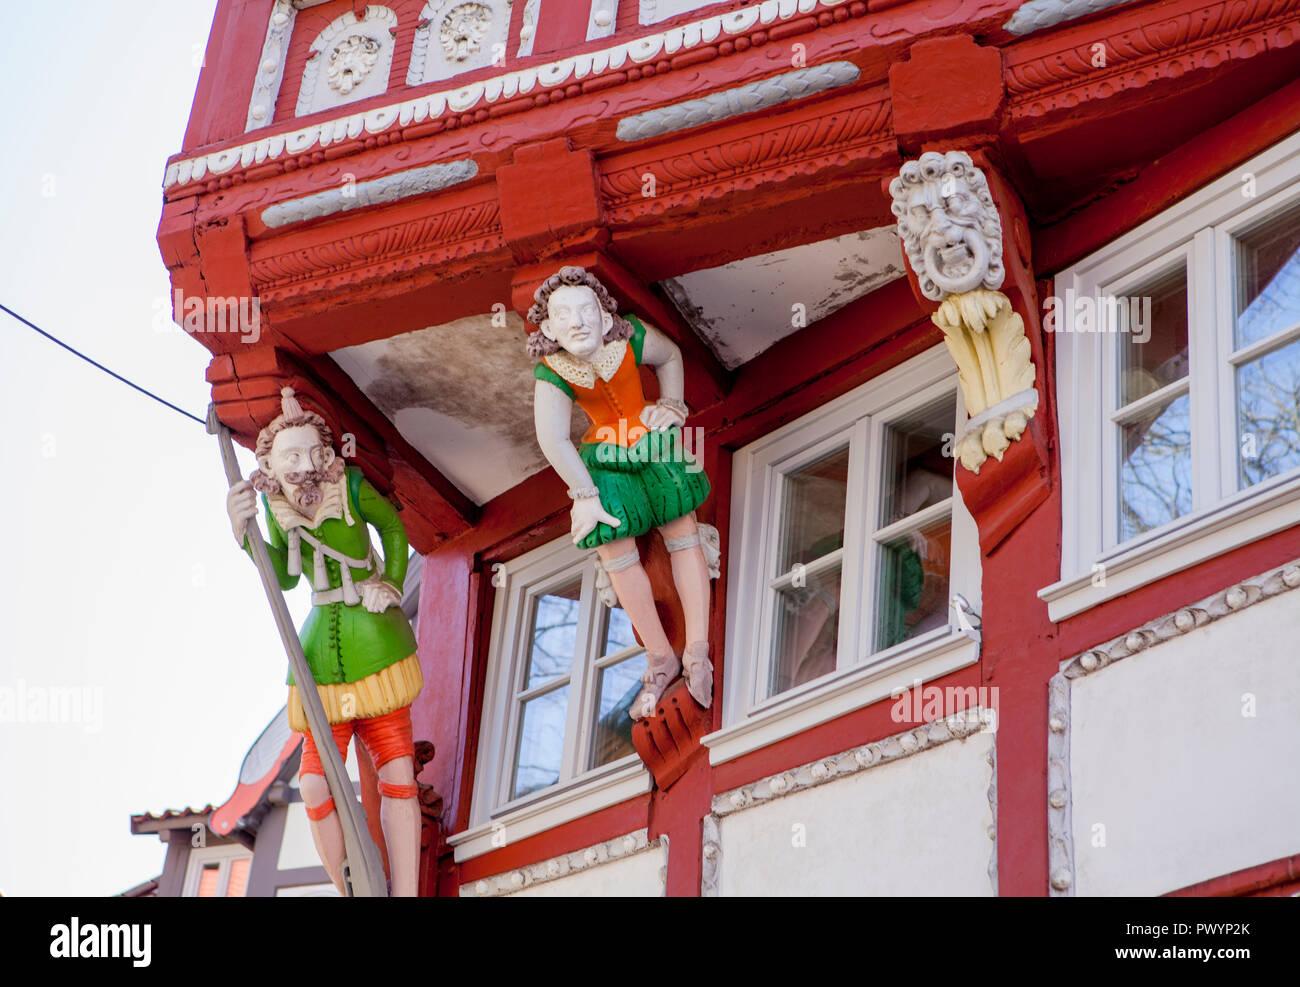 Barock Fassade Stock Photos & Barock Fassade Stock Images - Alamy